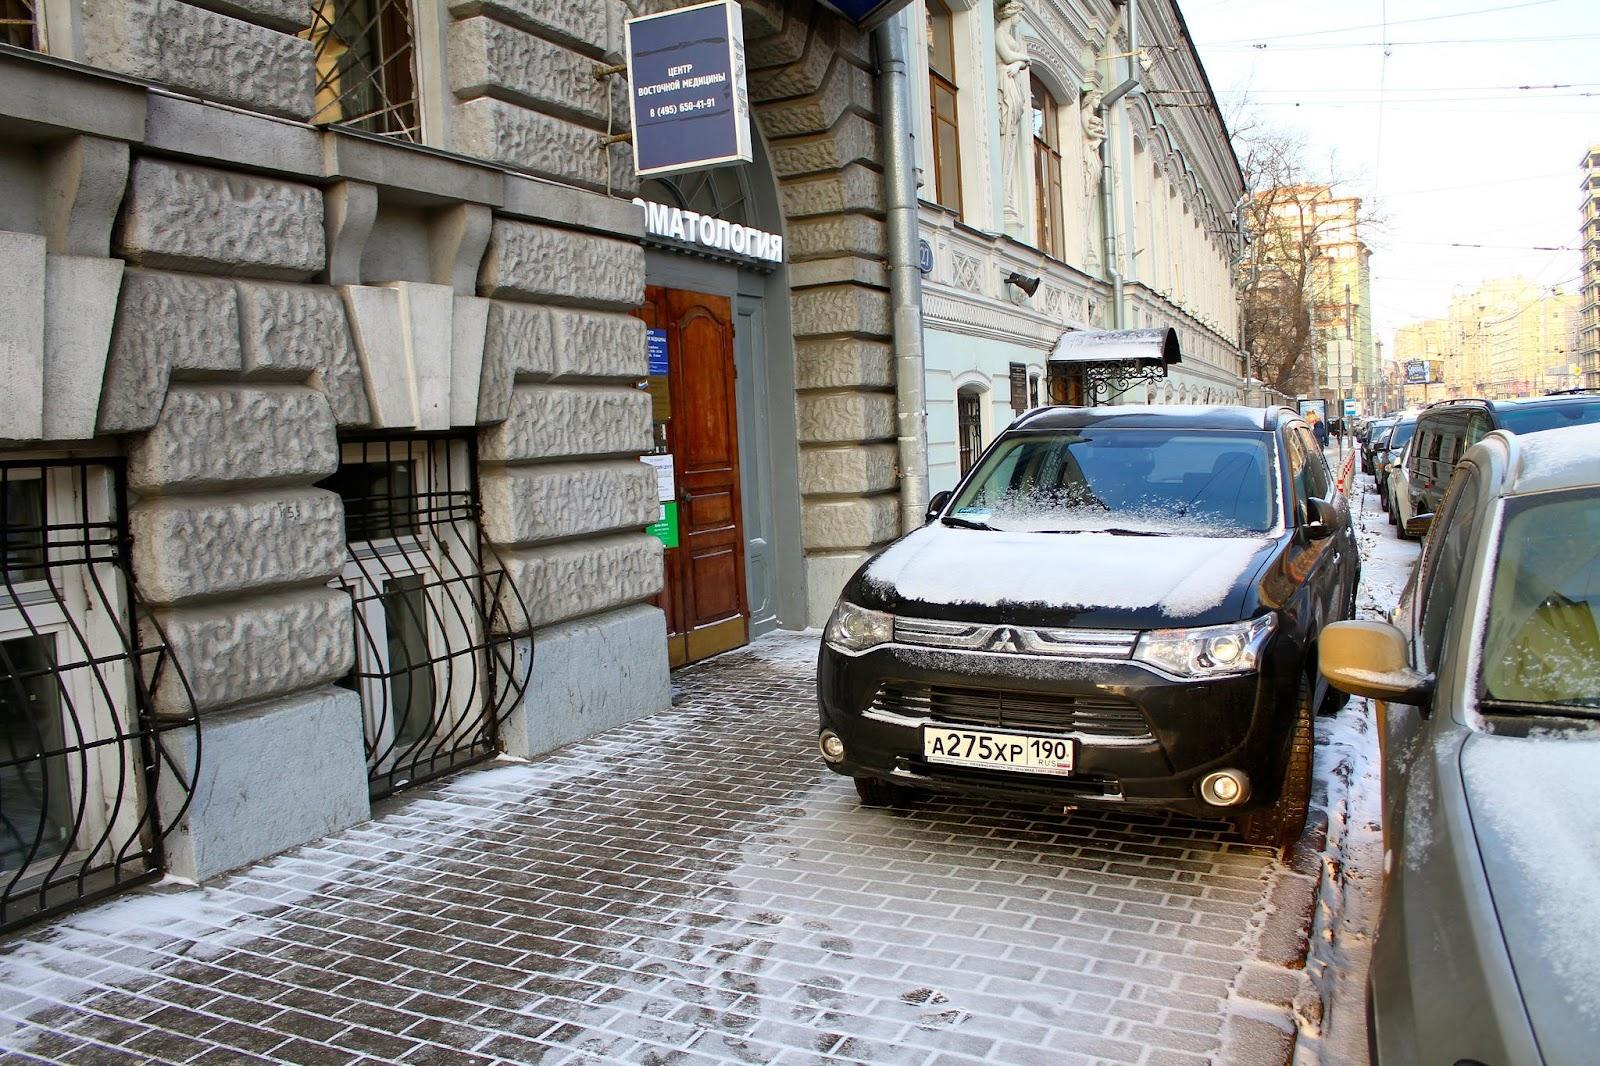 делать, машины на тротуаре куда жаловаться москва извещениях говорится